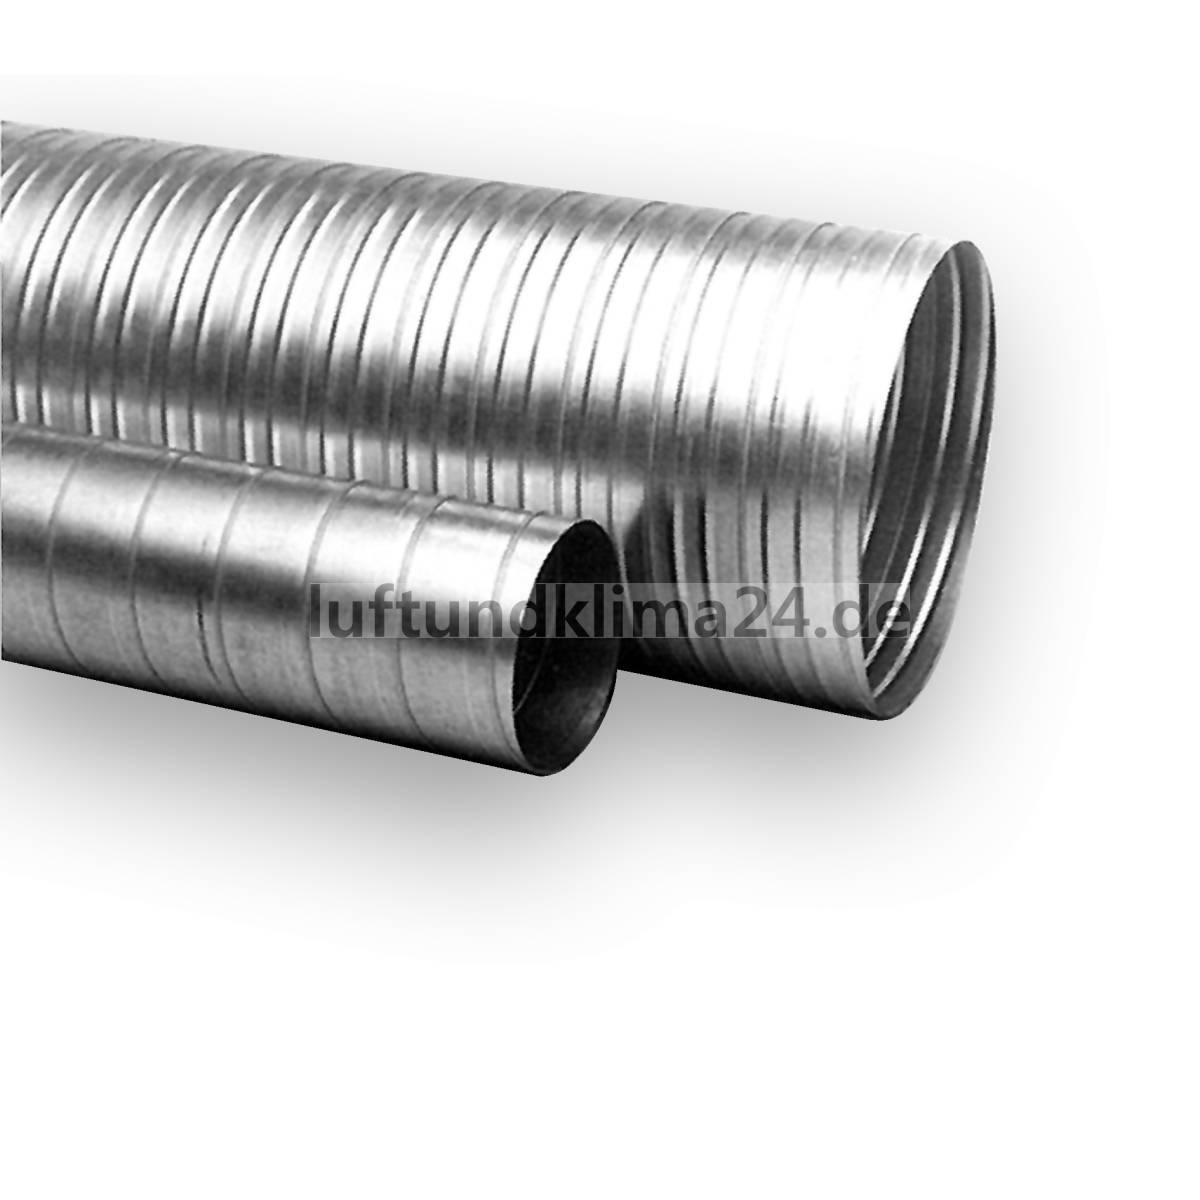 Enddeckel Wickelfalzrohr 100 mm für Lüftungsrohr